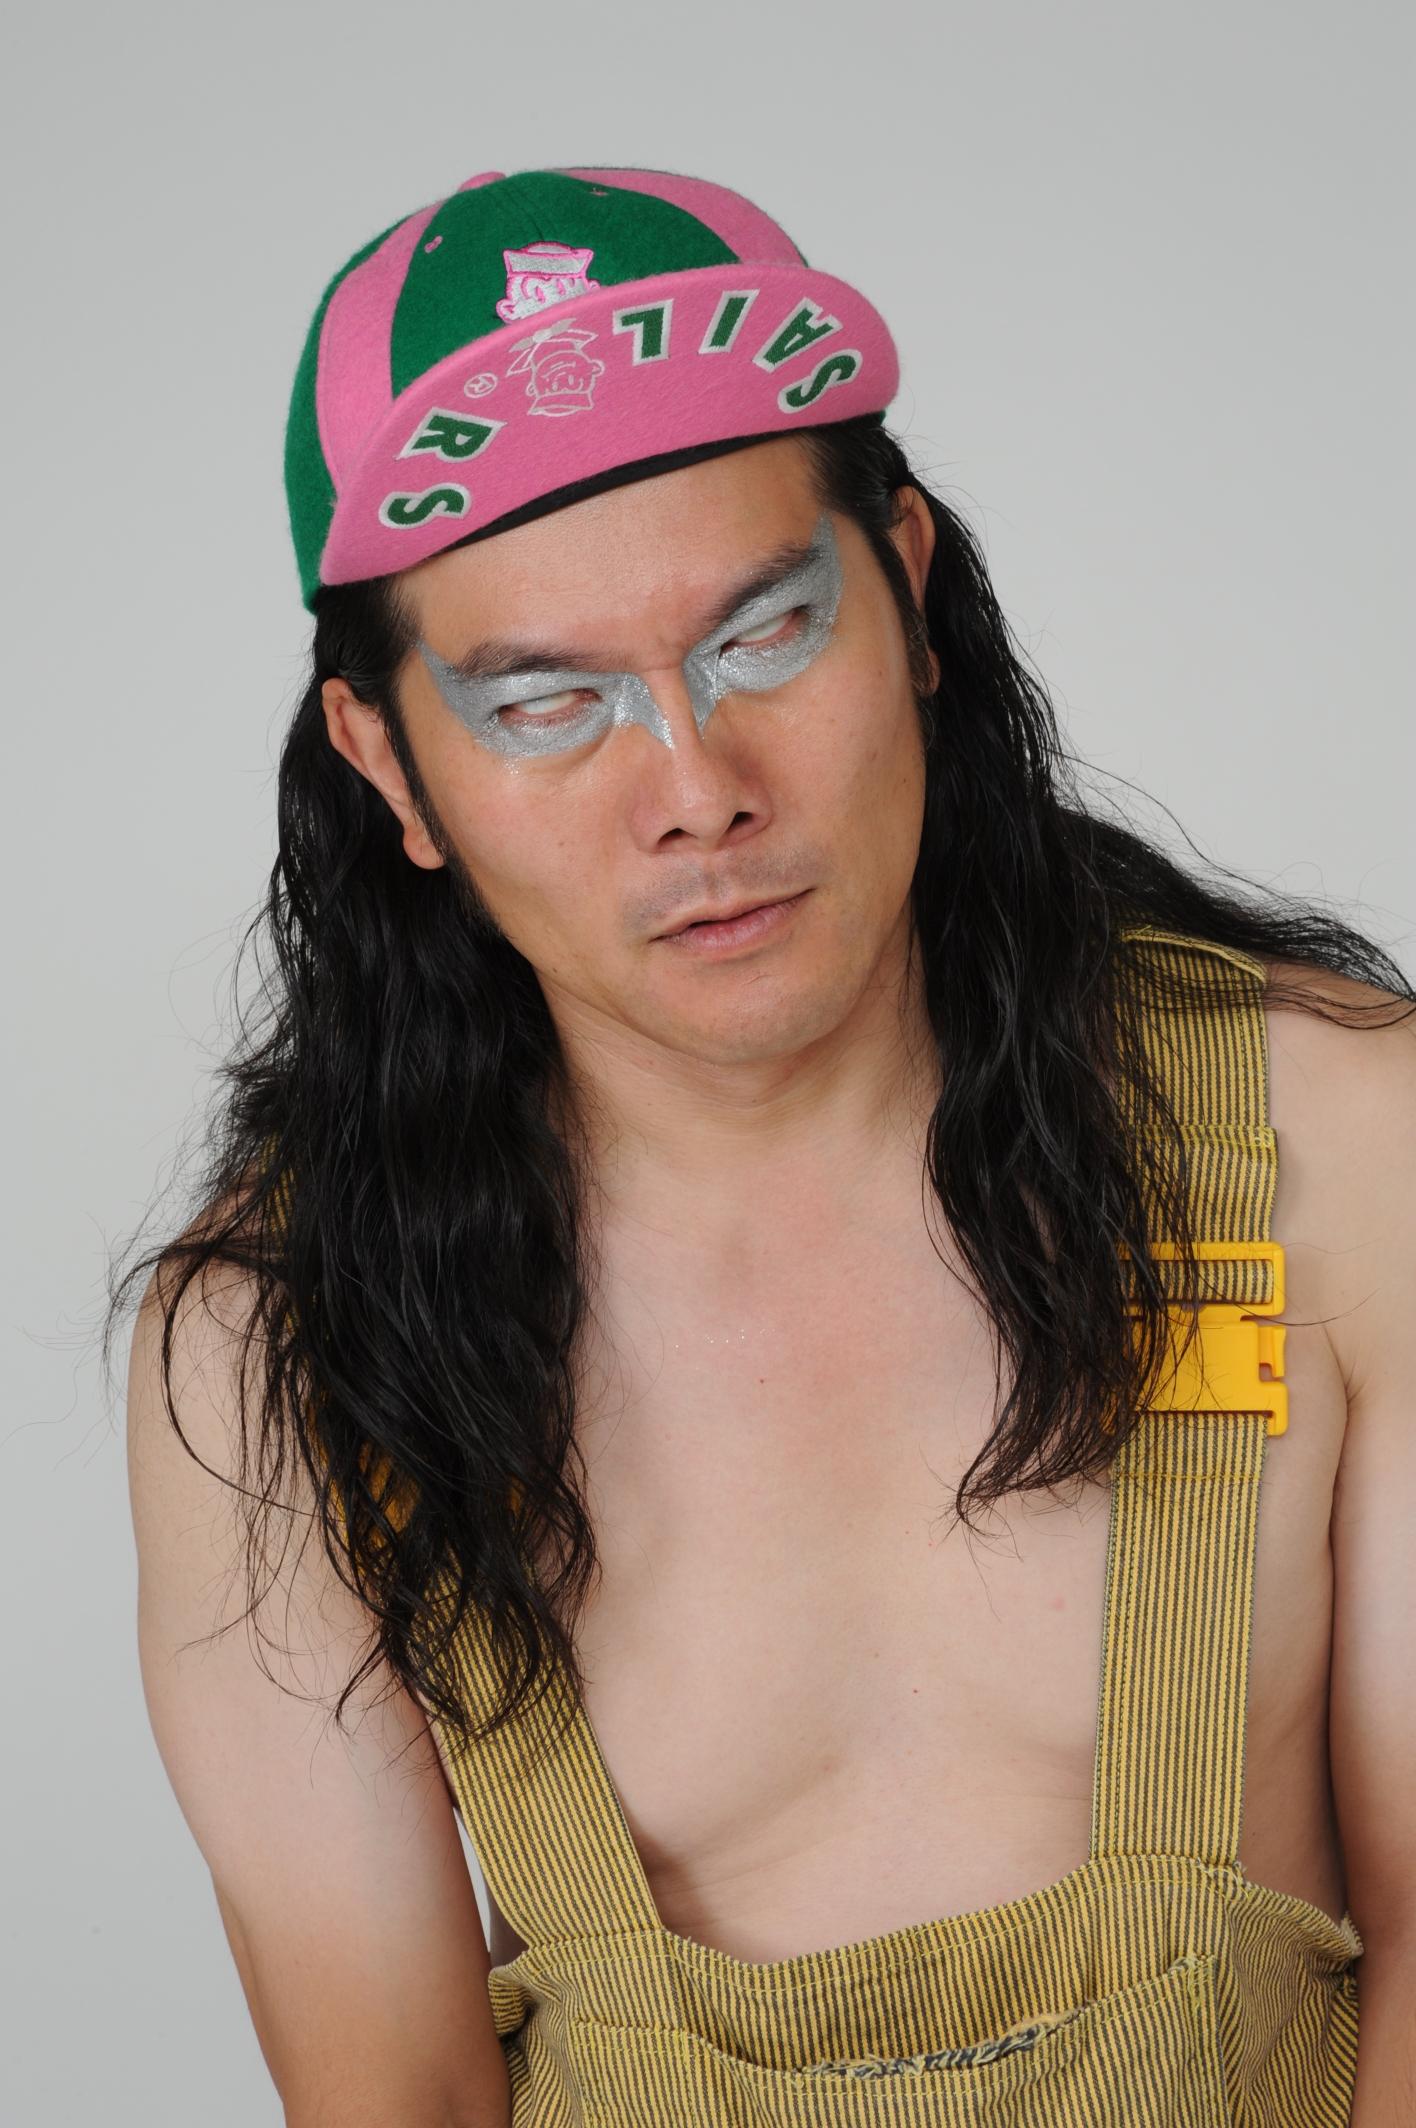 「ぐるぐるTOIRO」第2弾アーティスト決定!!  ヒカシュー、キノコホテル、Charisma.comなど12組出演